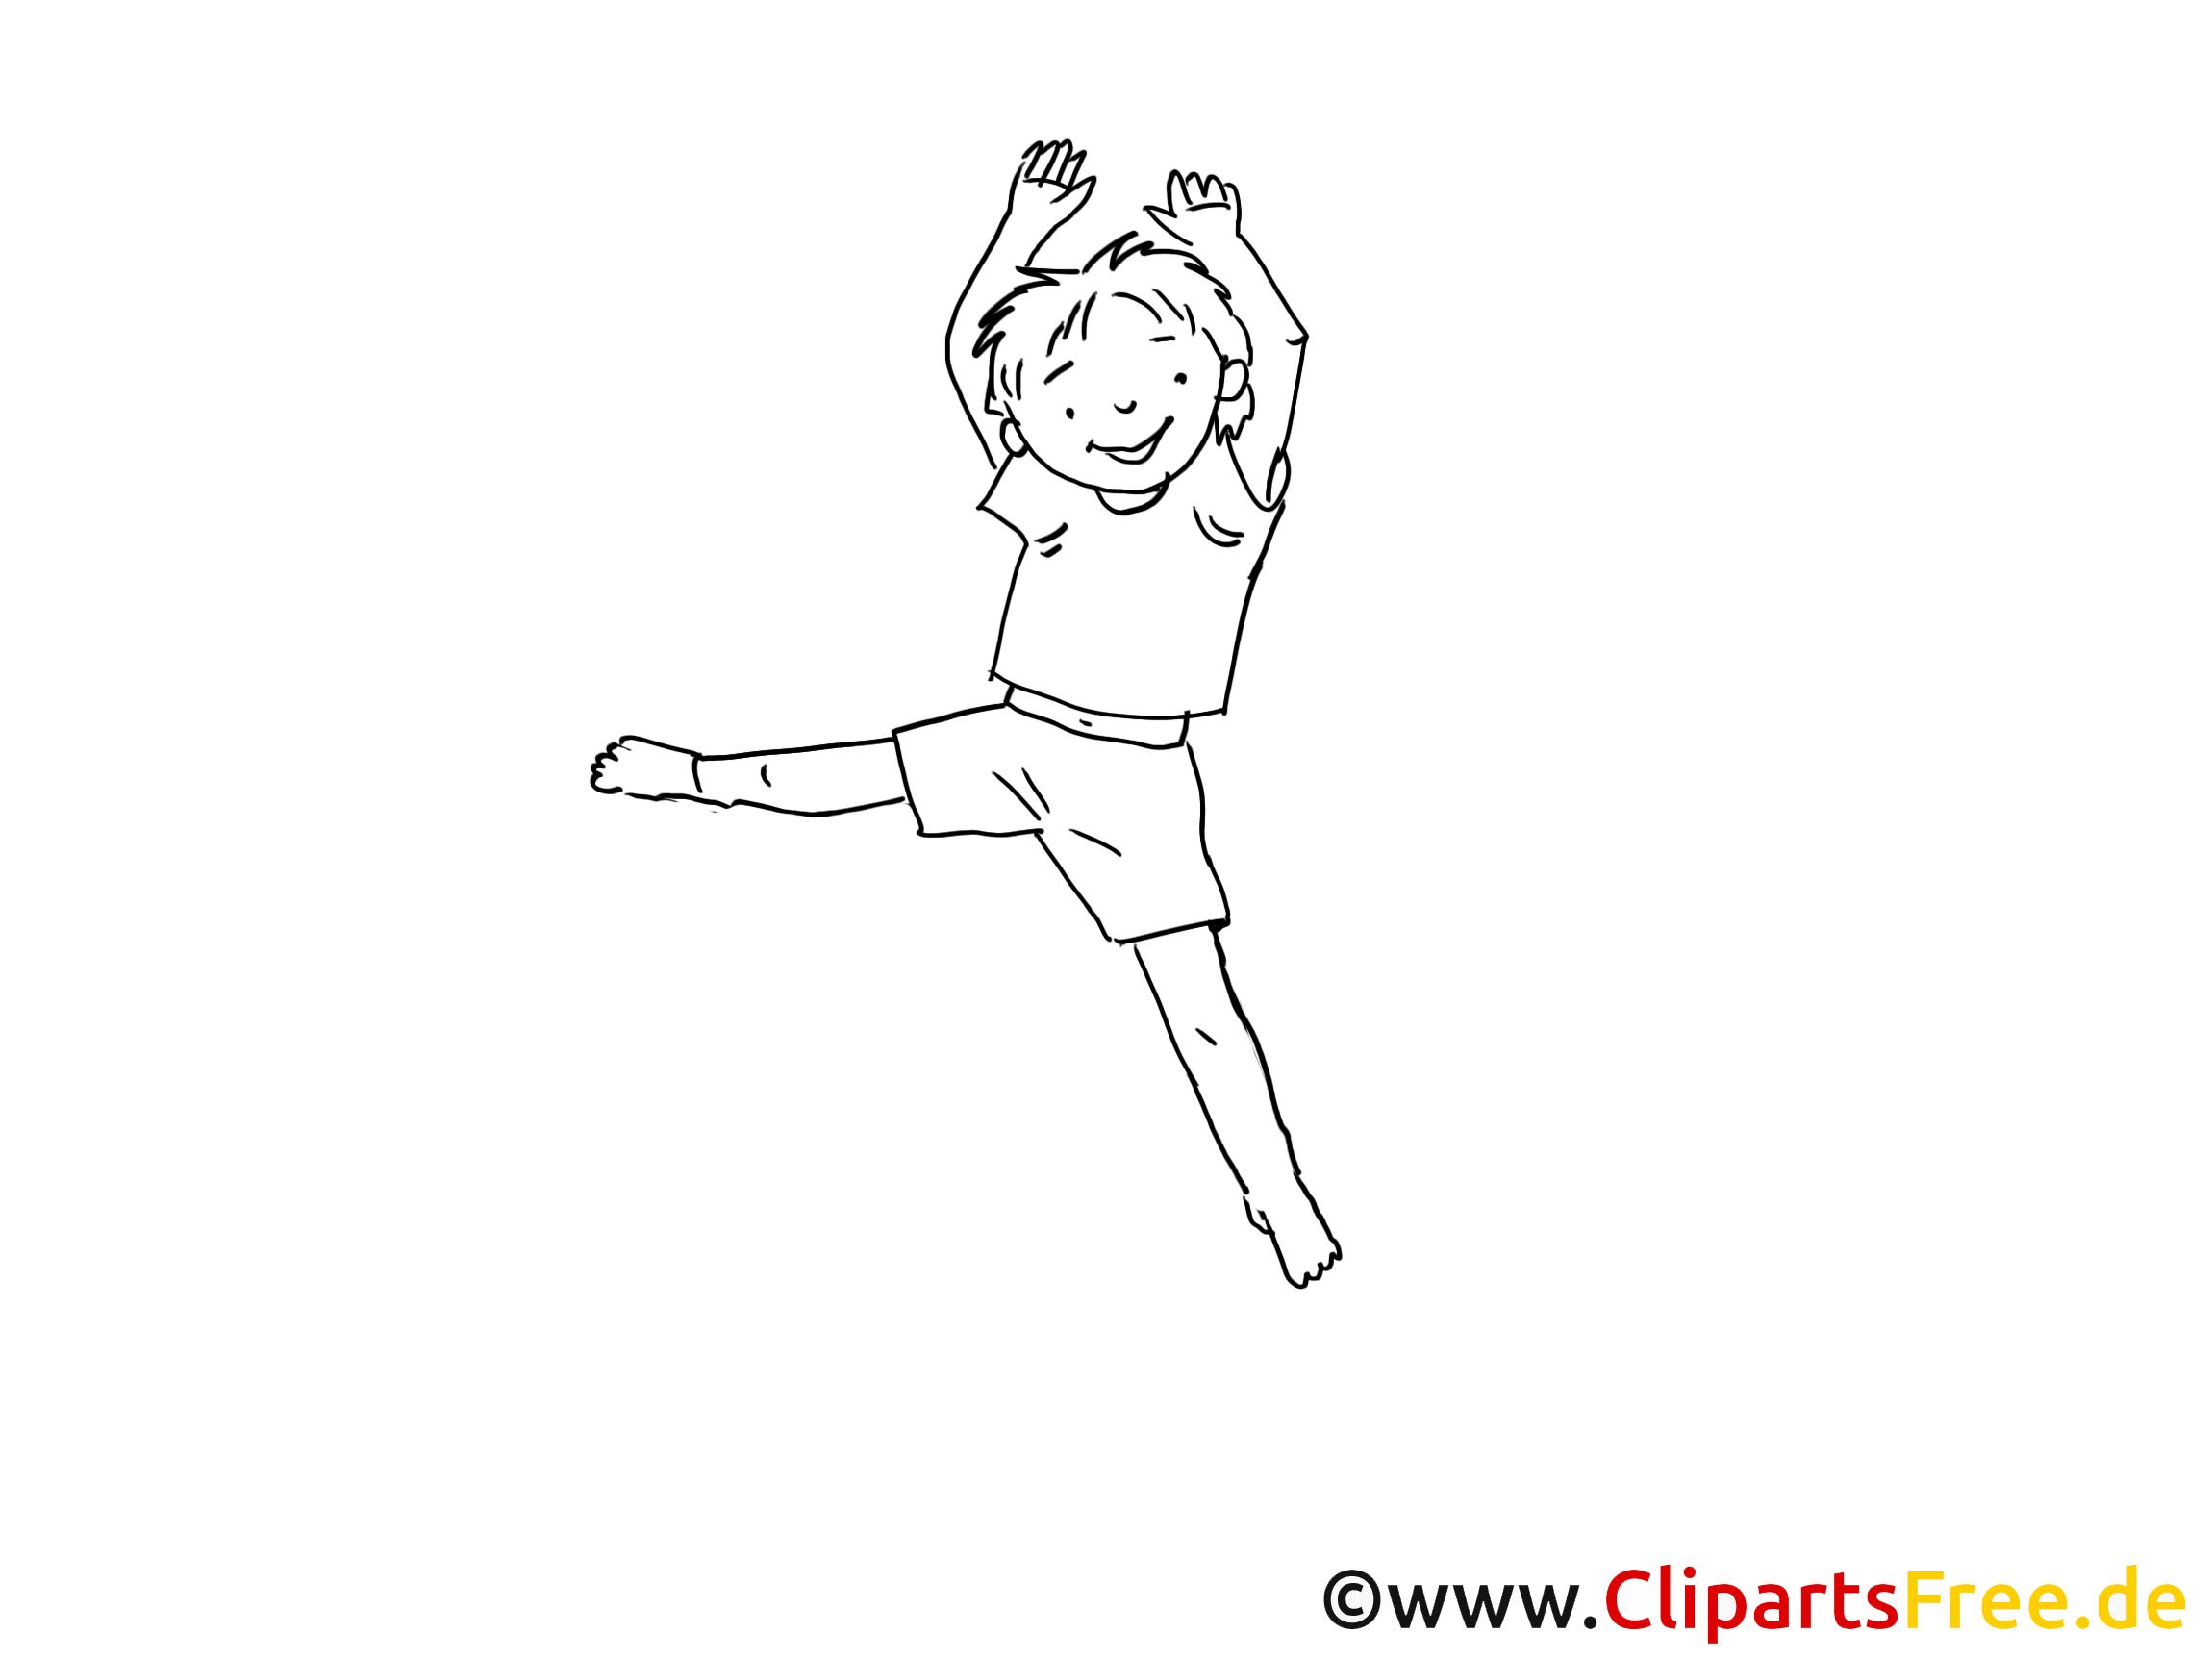 Junge Clipart Schwarz Weiß